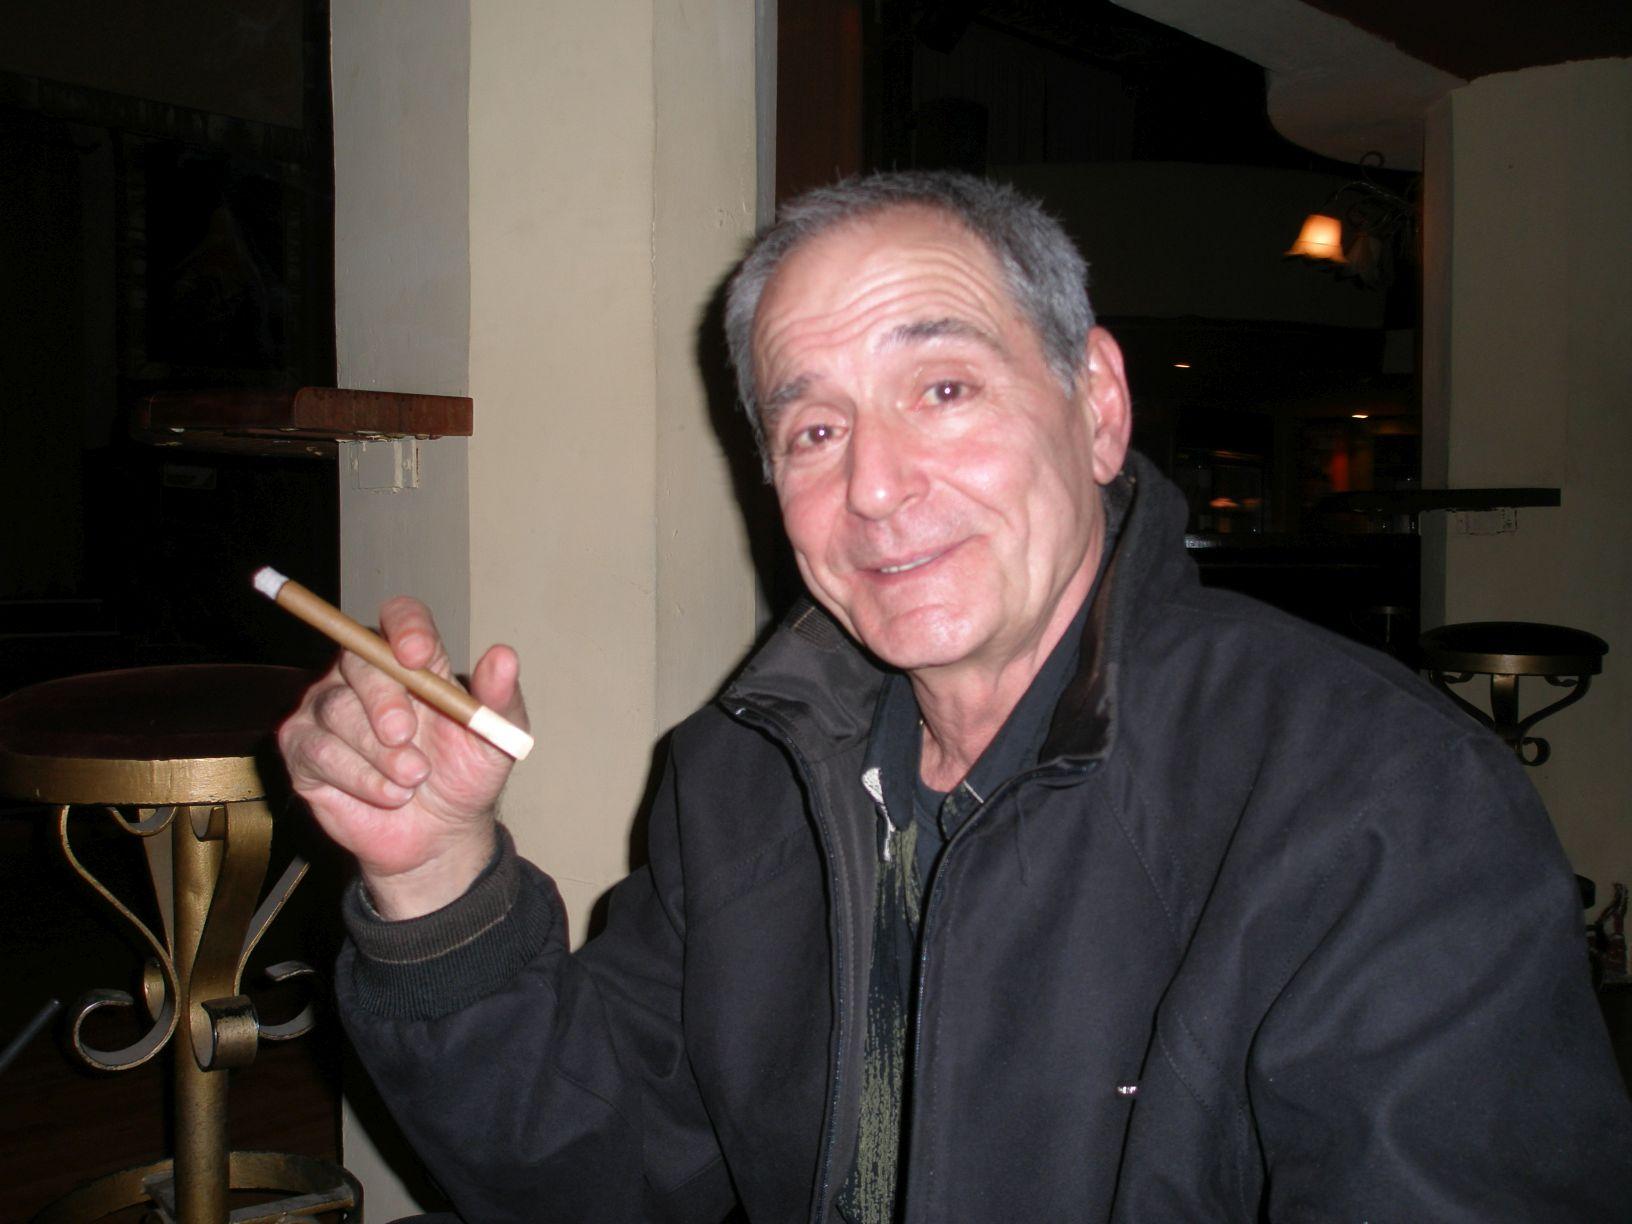 Păstorel Ionescu